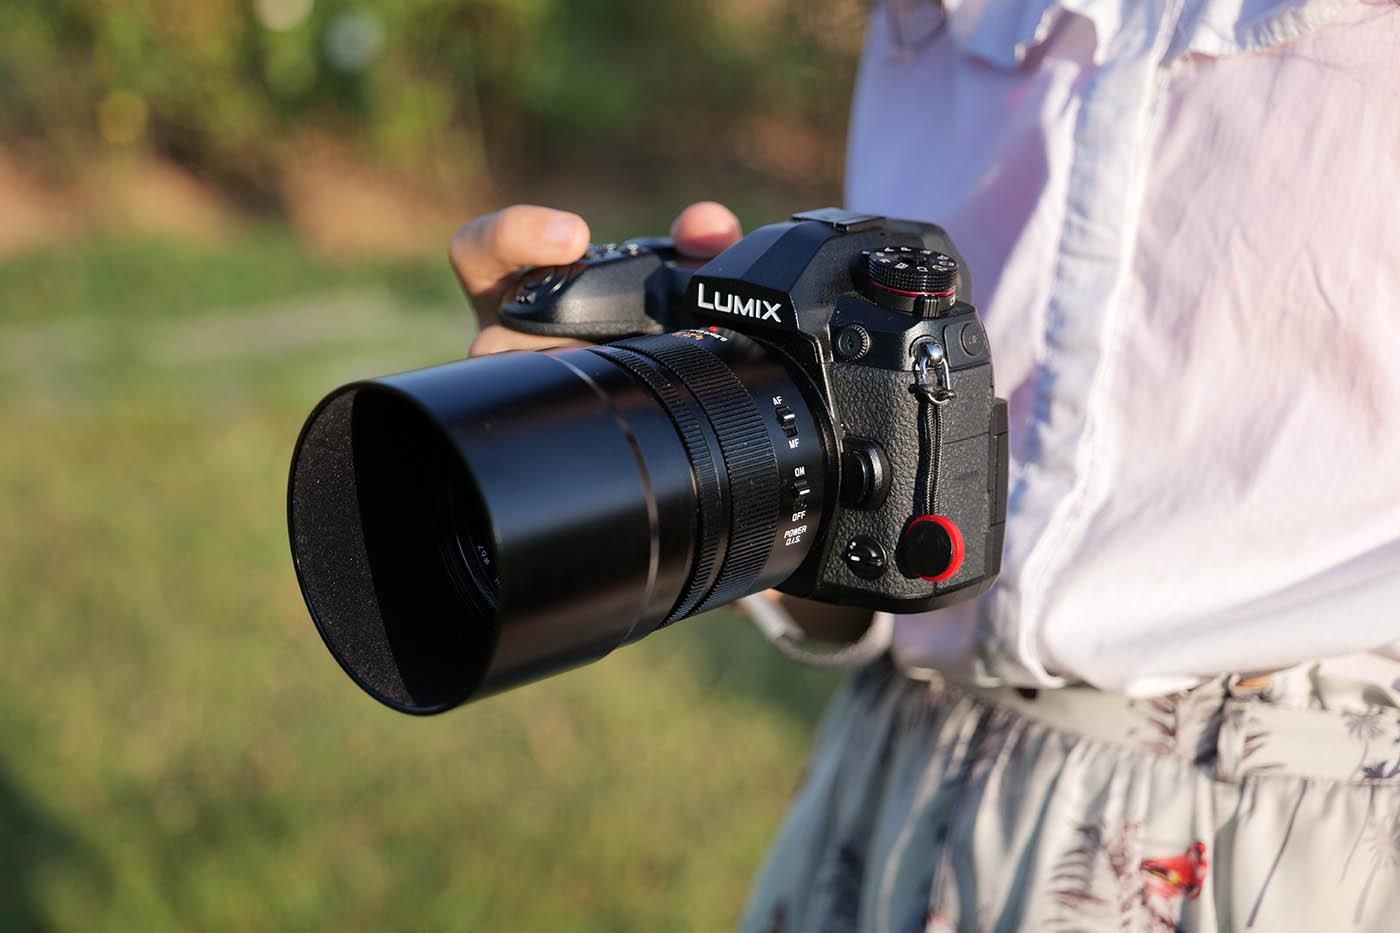 meilleur objectif portrait pour Lumix G9